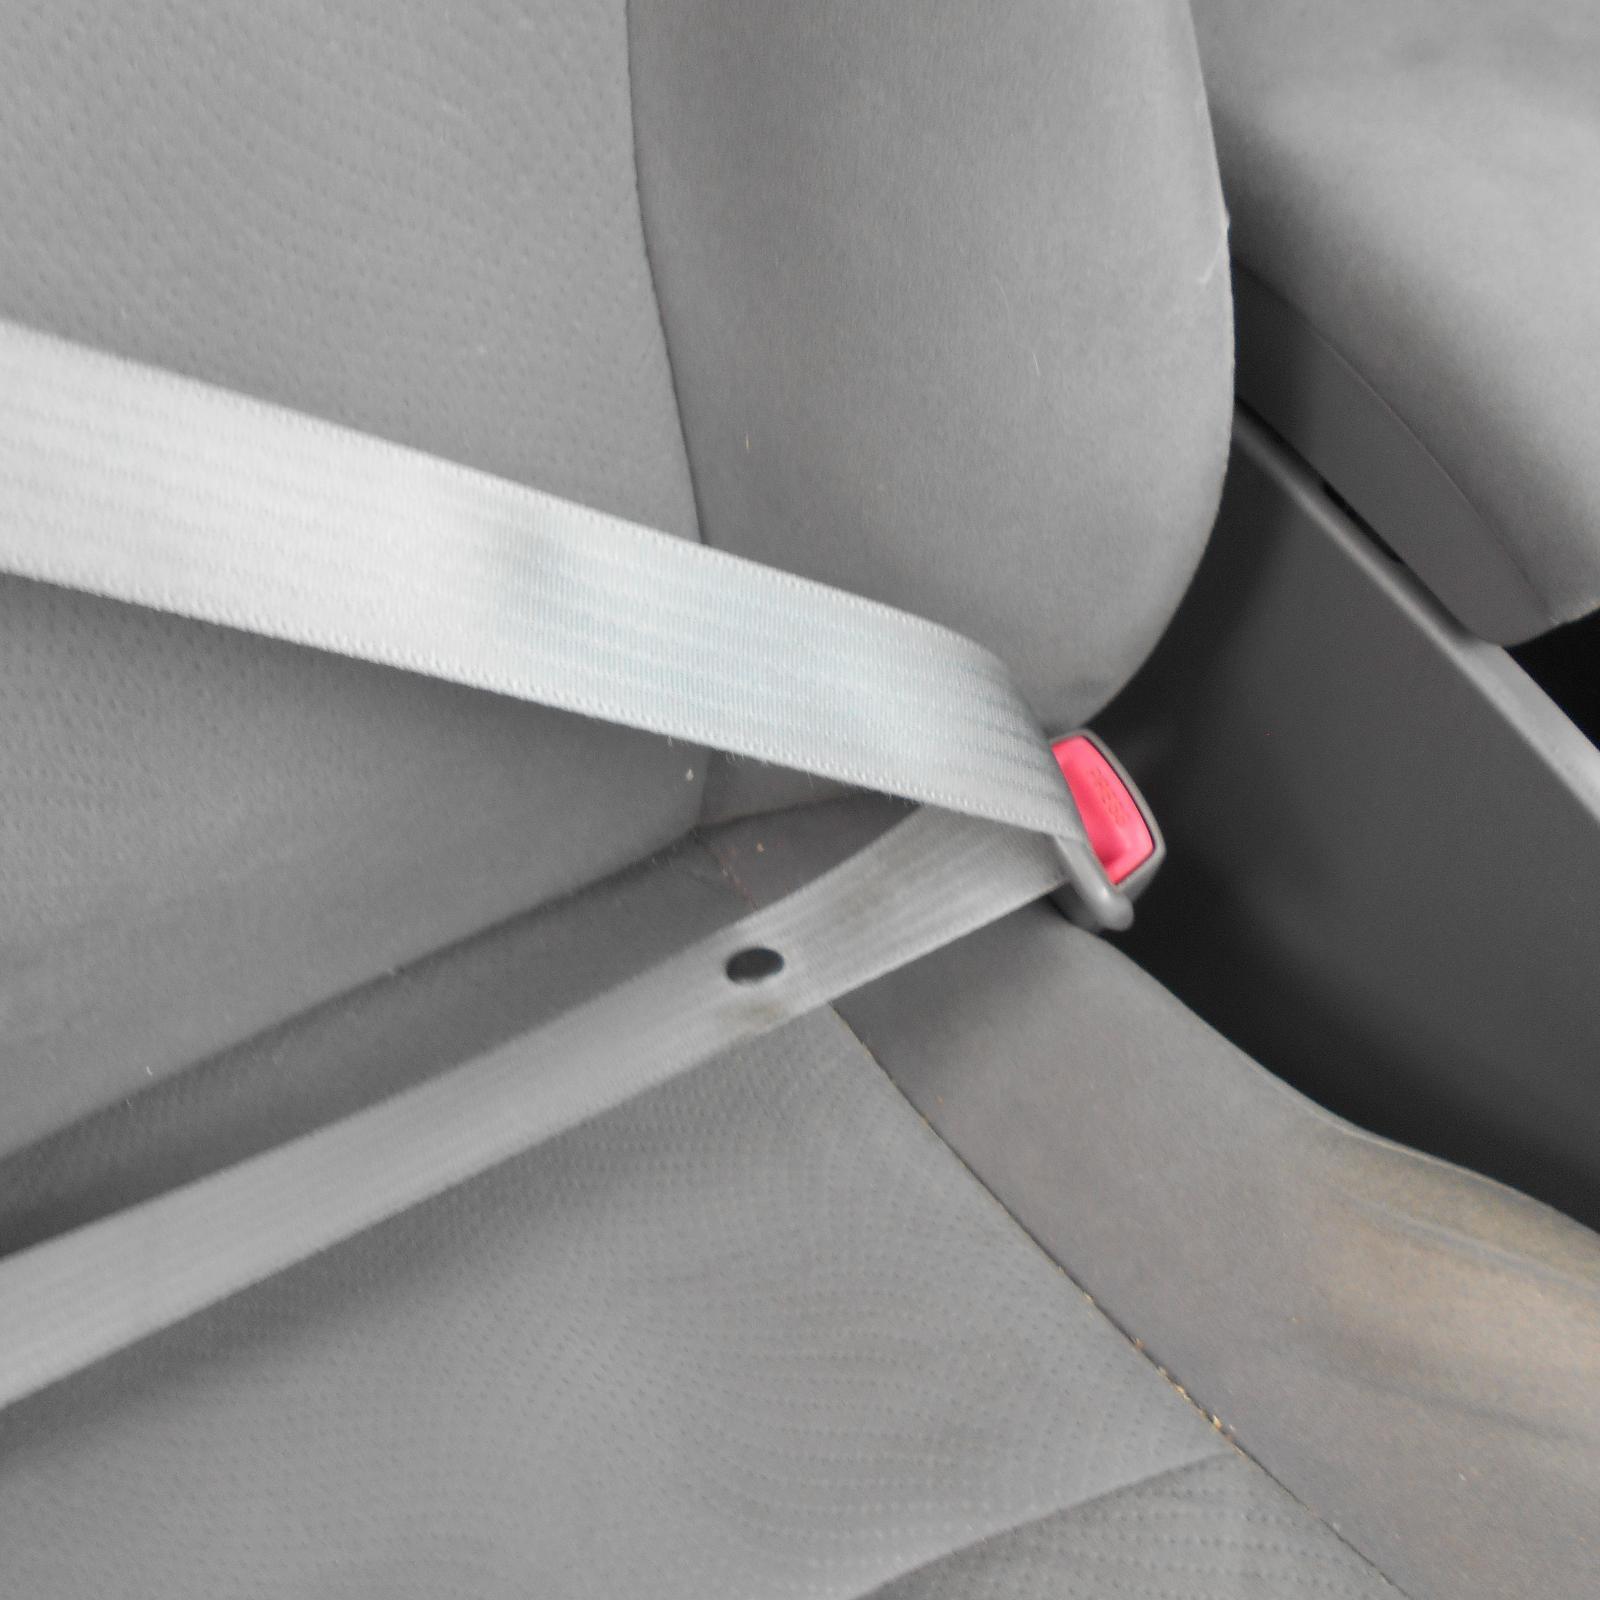 TOYOTA PRIUS, Seatbelt/Stalk, RH FRONT, SEAT BELT ONLY, ZVW30R, 07/09-12/15